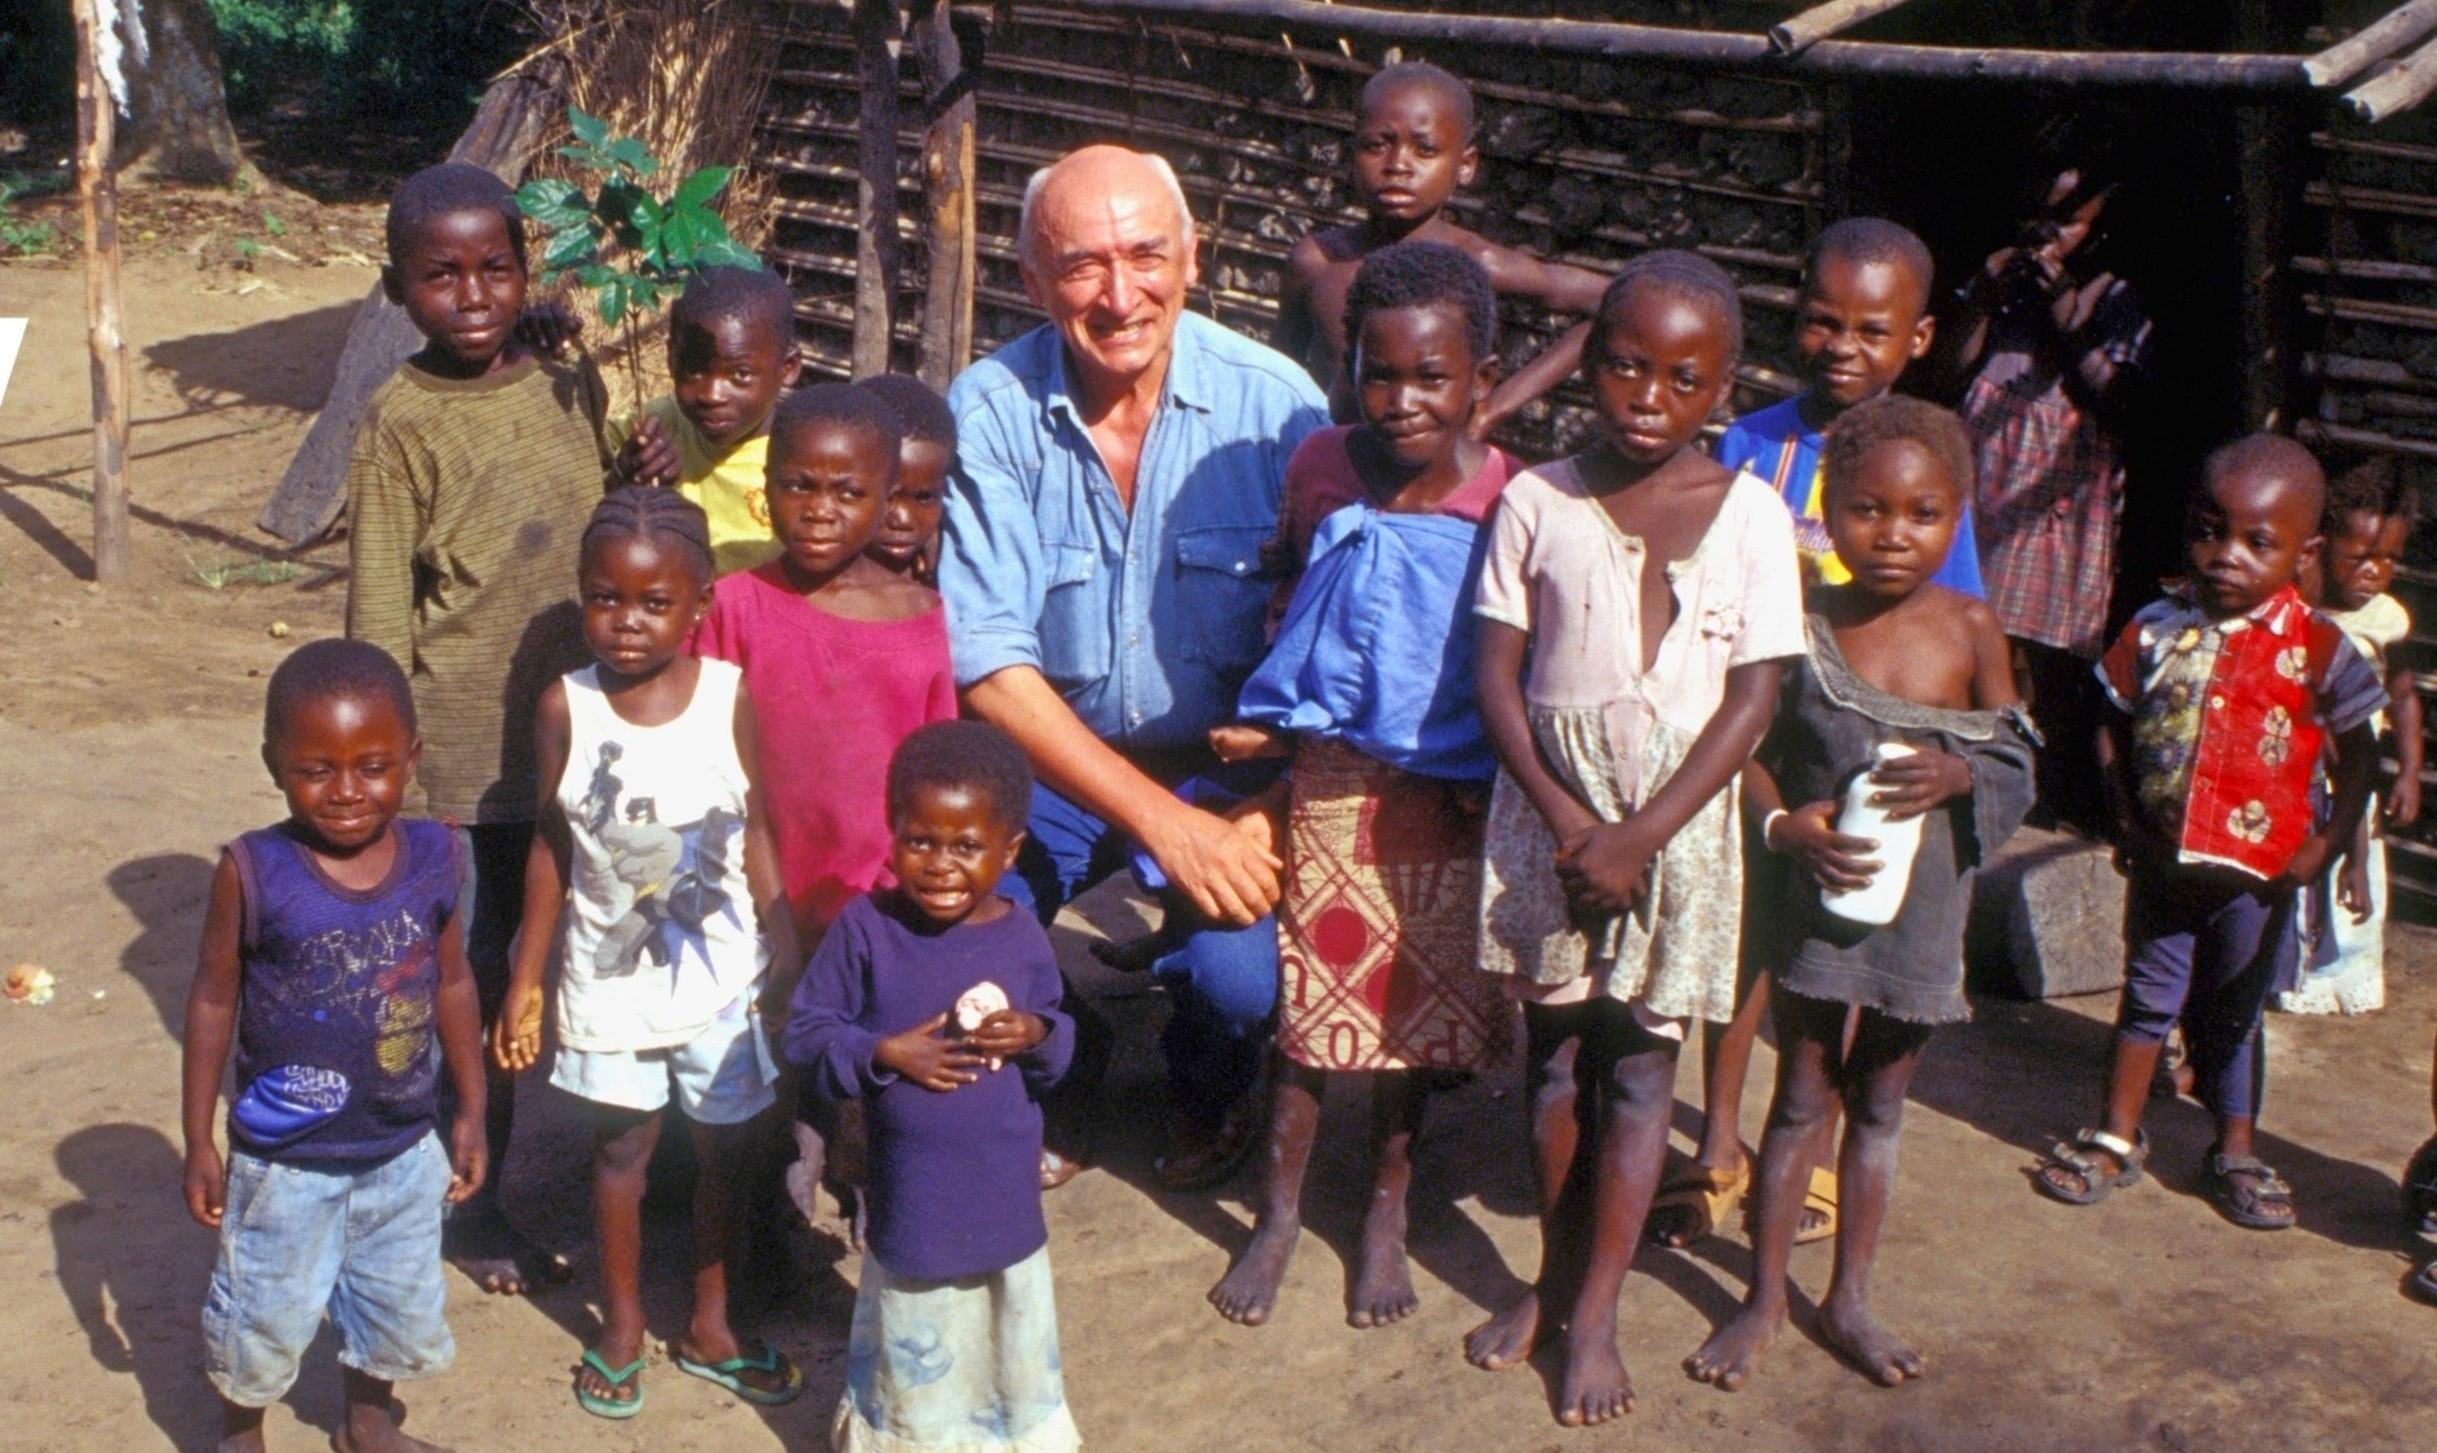 Dzieci w Demokratycznej Republice Kongo